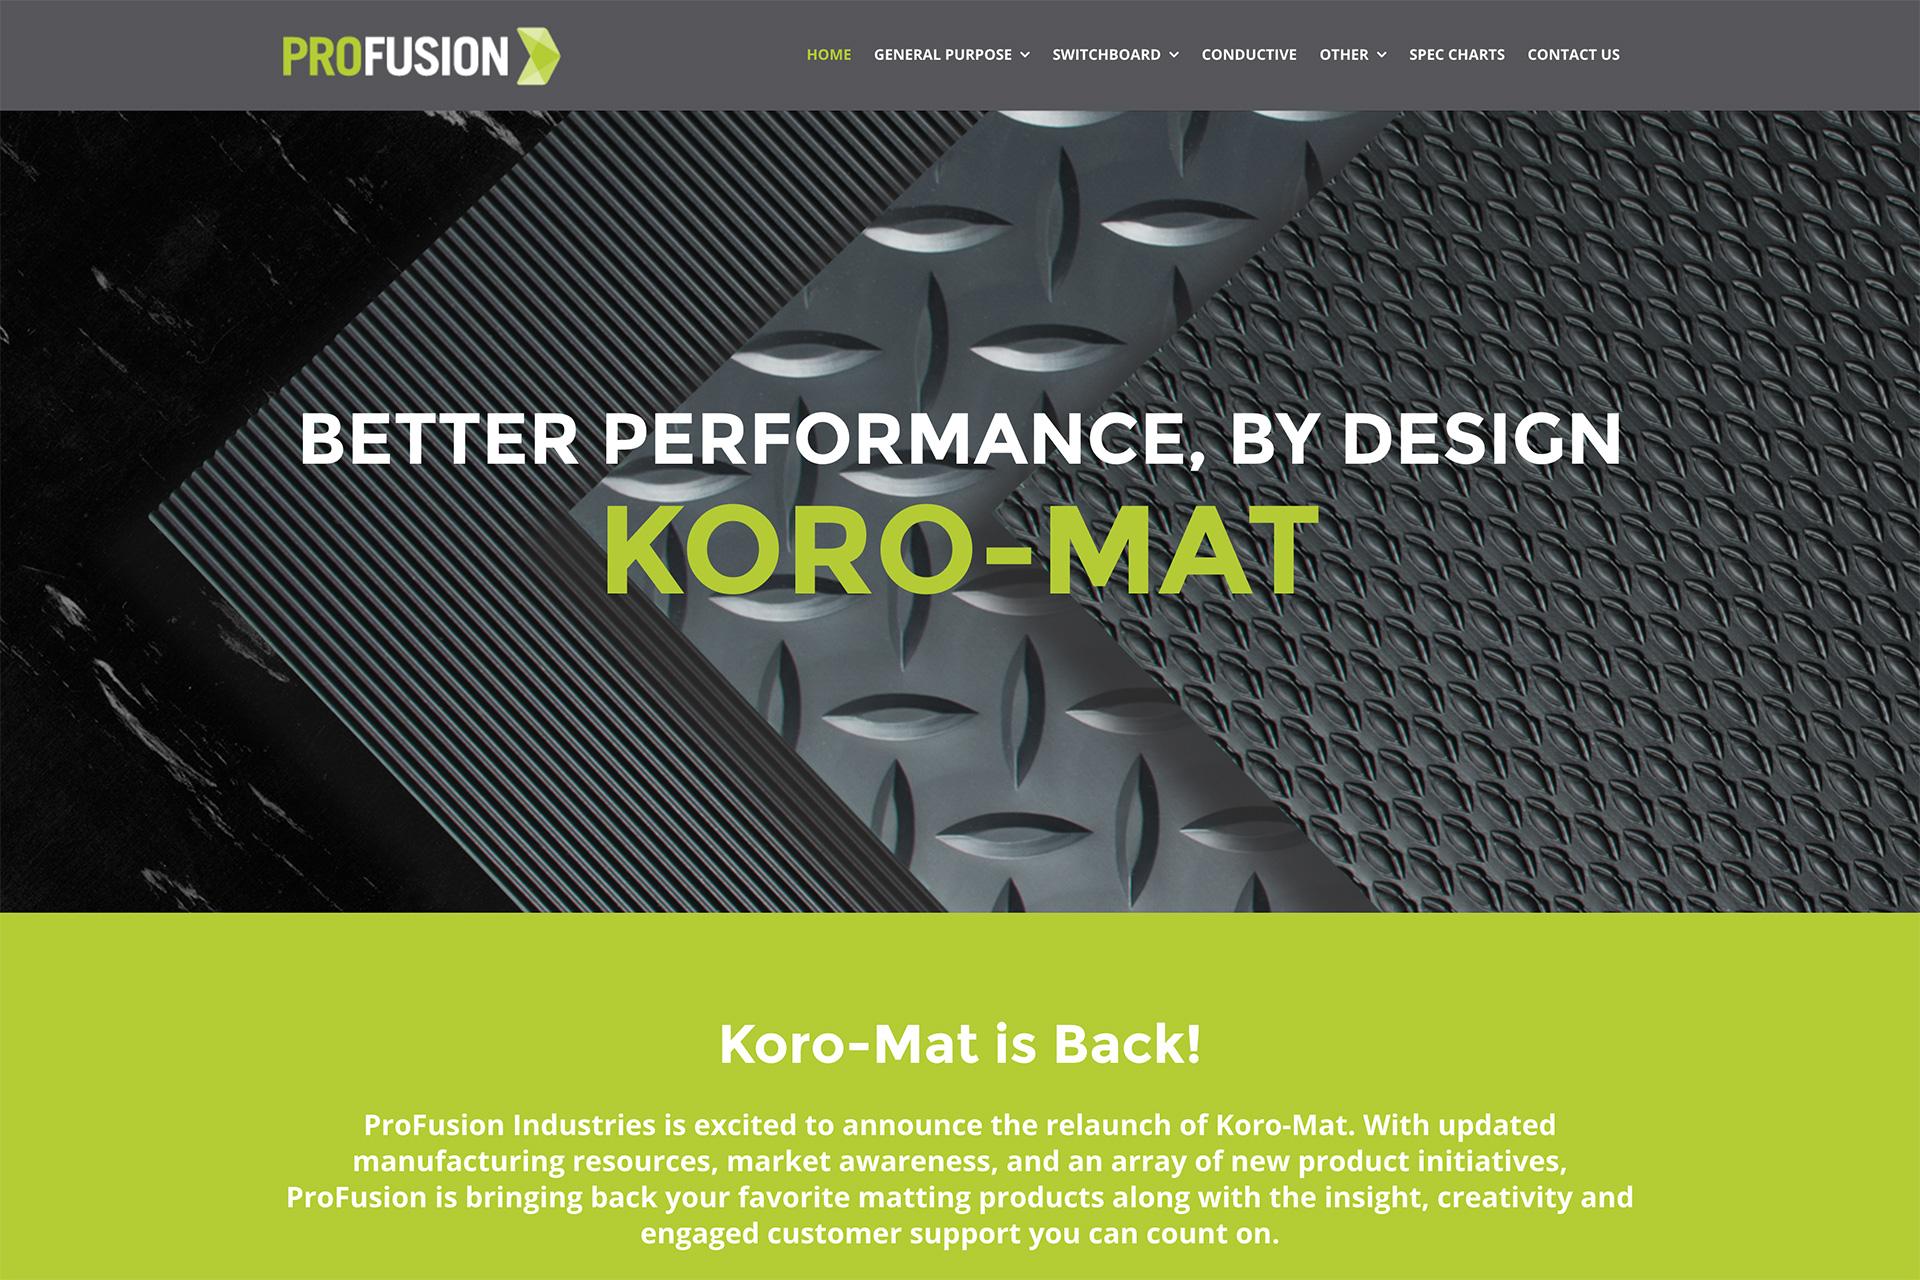 Koro-Mat